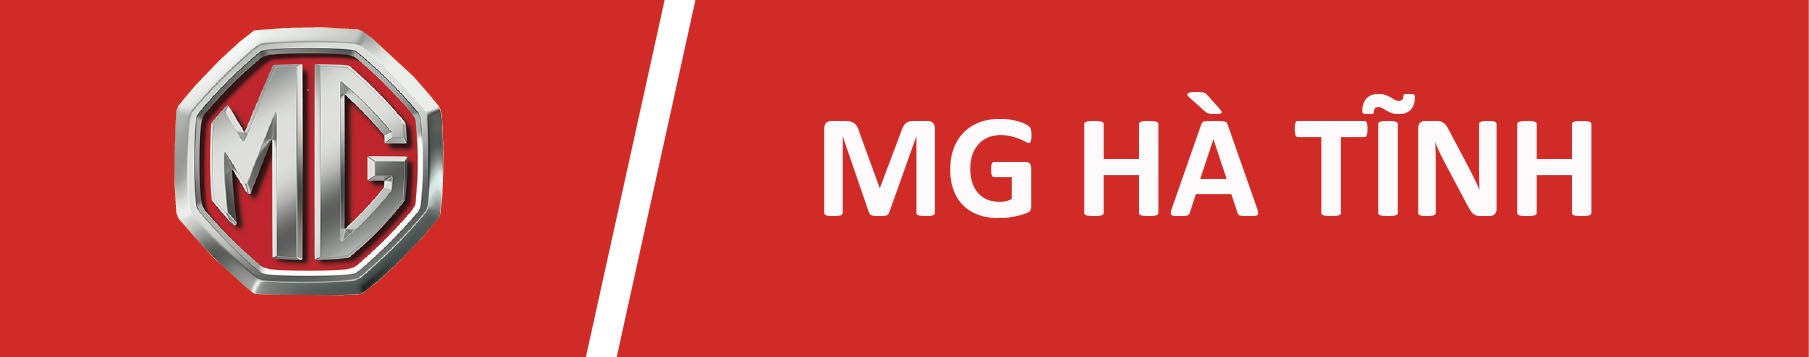 MG Hà Tĩnh – 09xxxxxxx – Hãng ô tô MG tại Hà Tĩnh